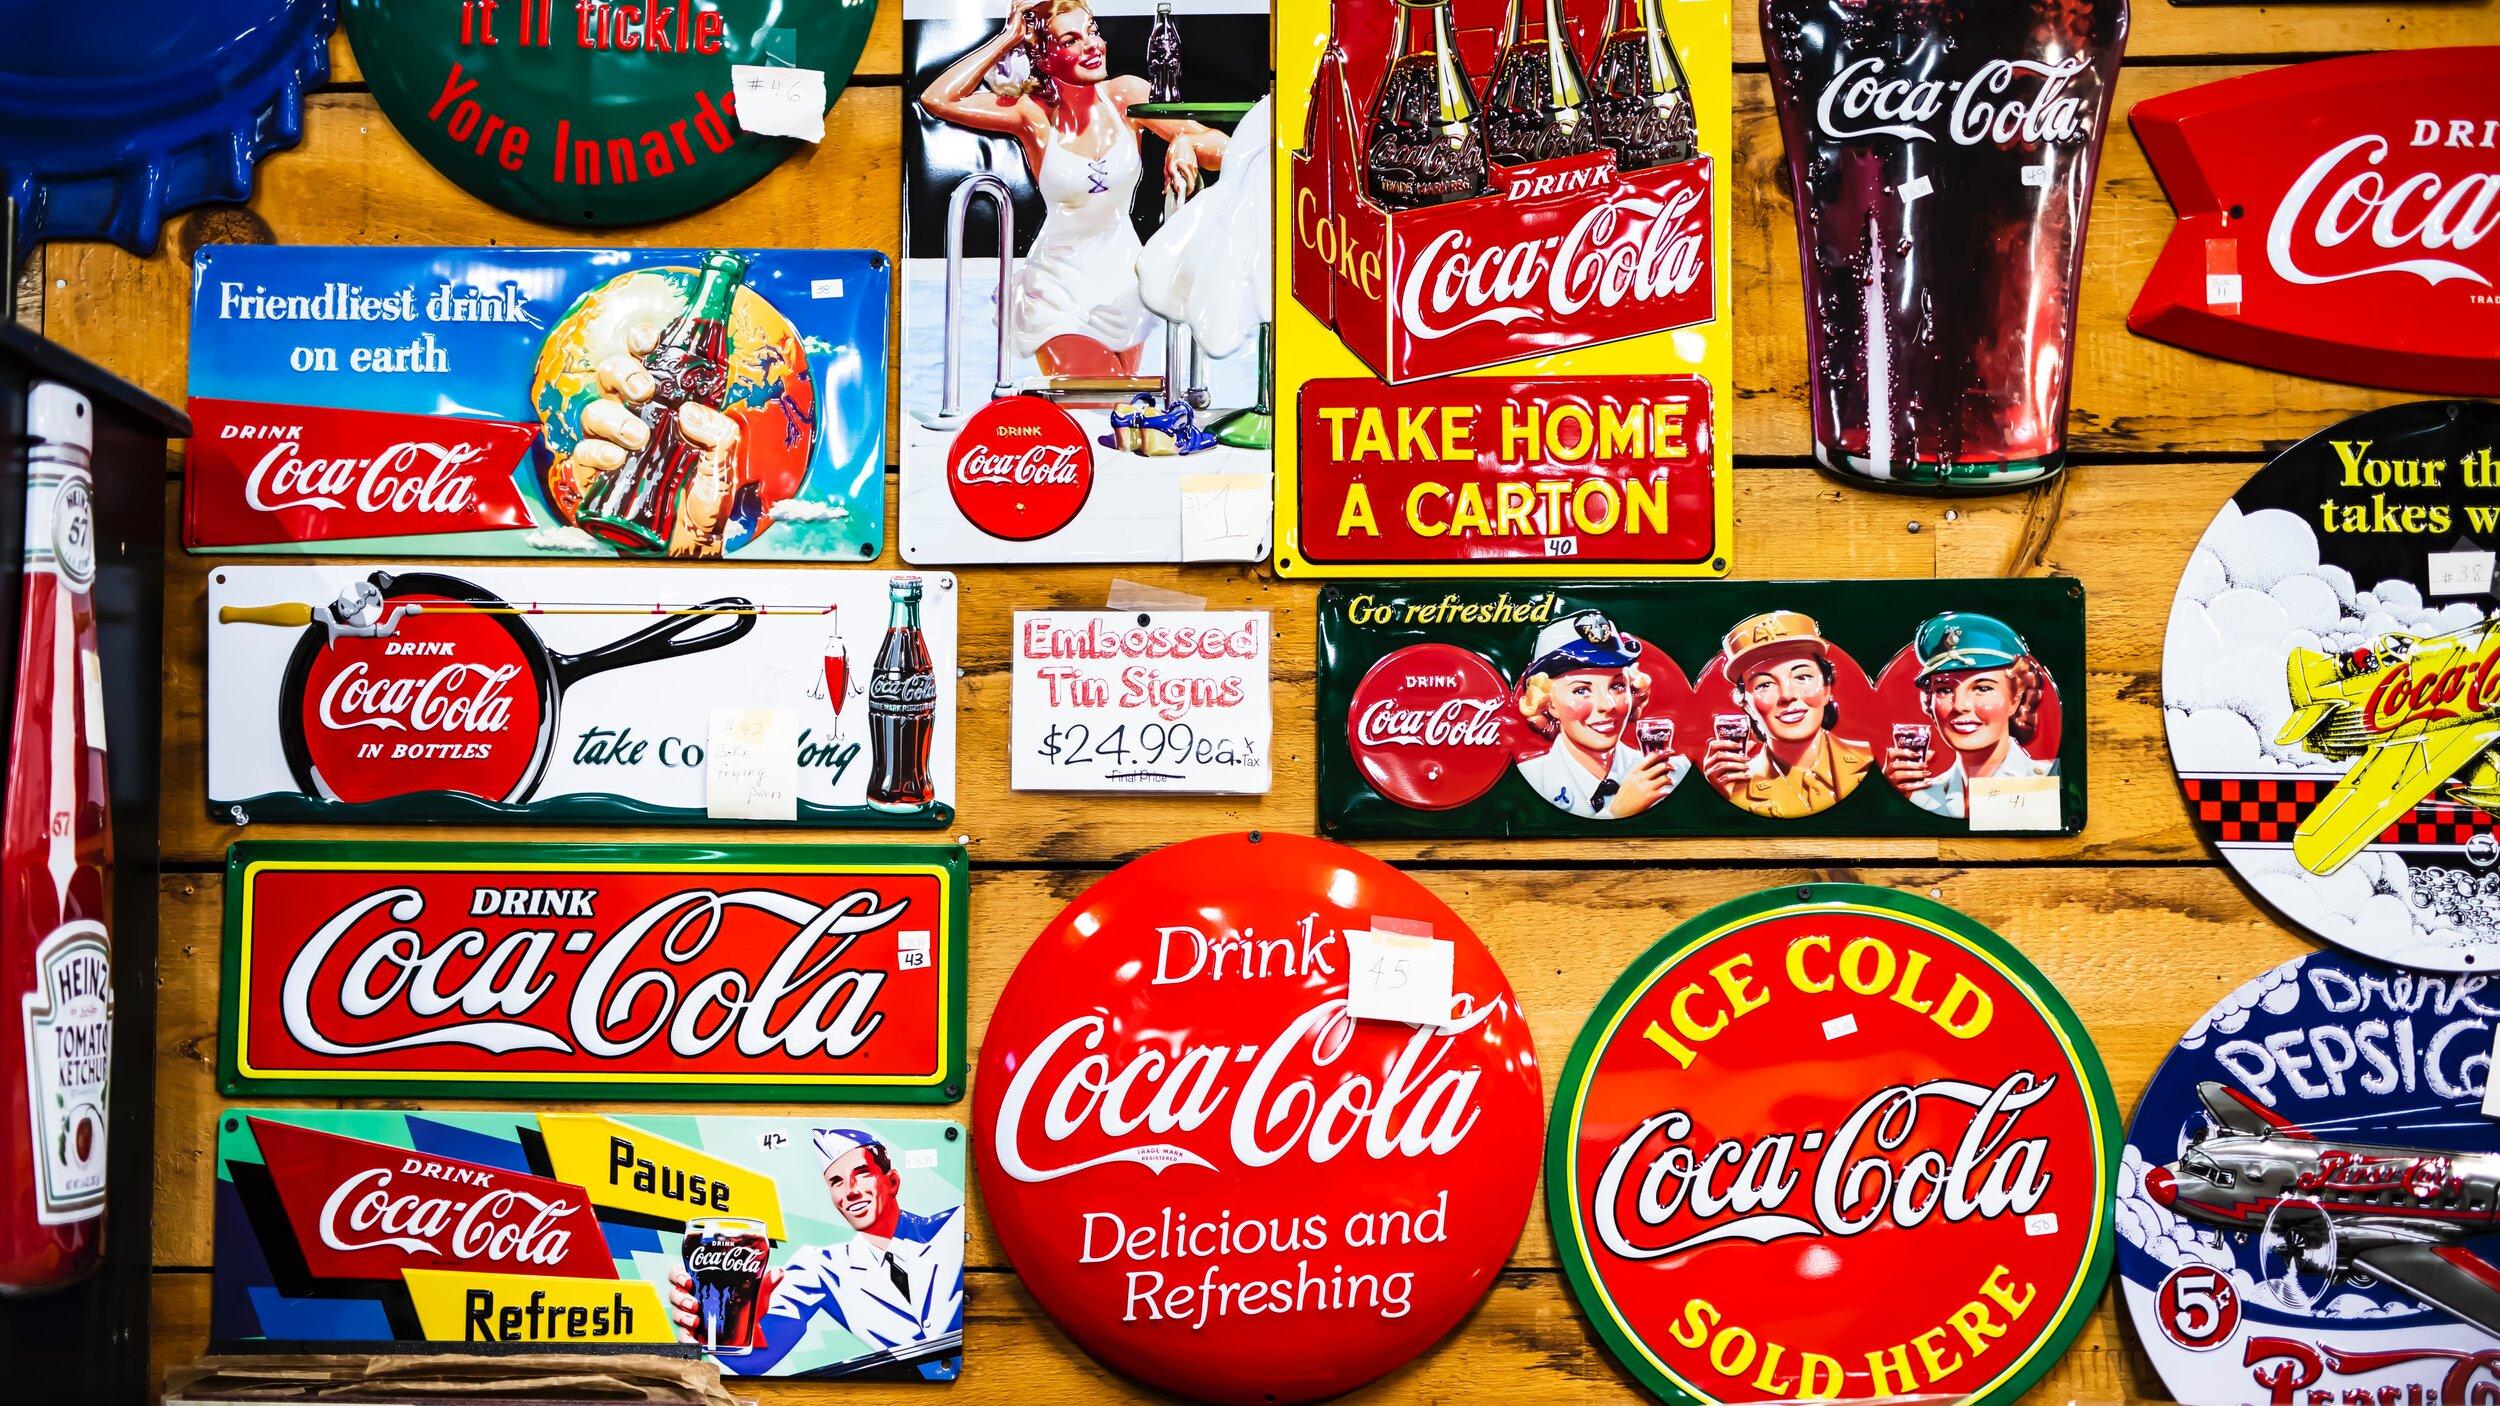 cocoa cola world Atlanta Georgia